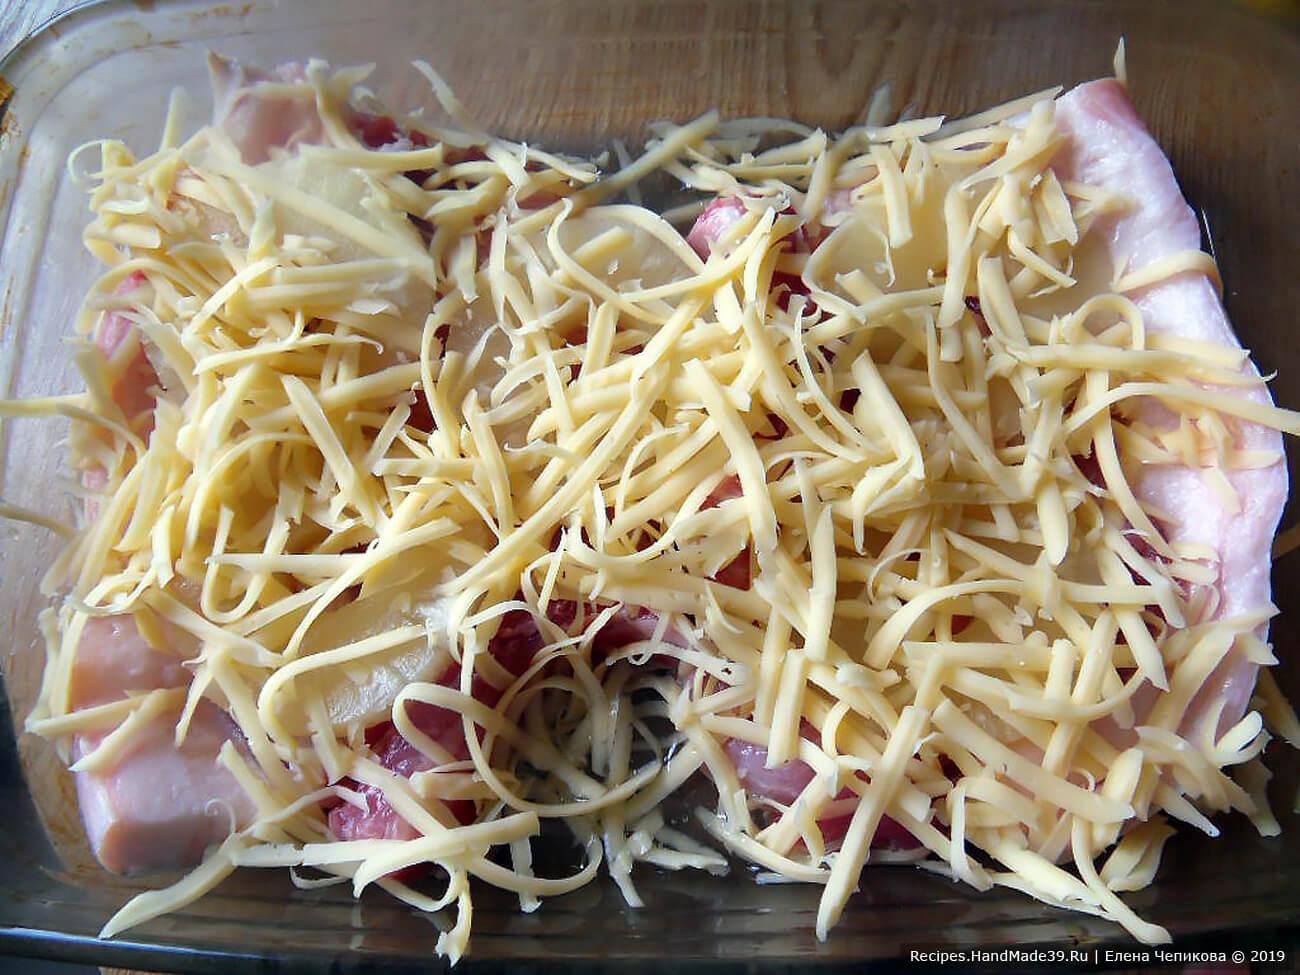 Посыпать всё тёртым сыром. Осторожно вылить в форму сок, оставшийся от маринования